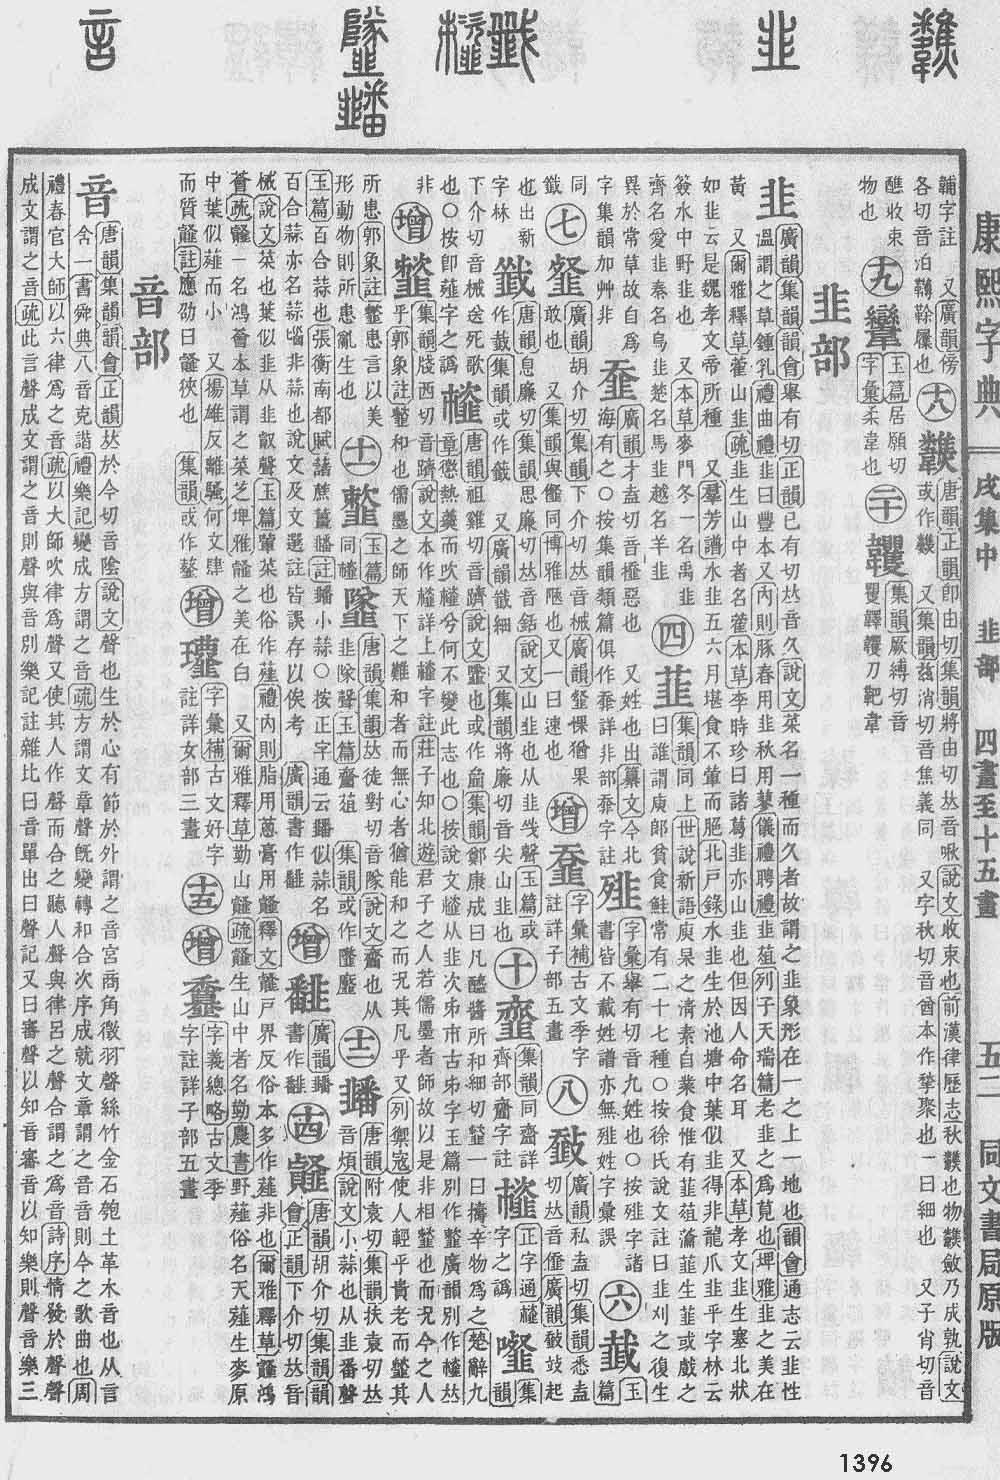 《康熙字典》第1396页